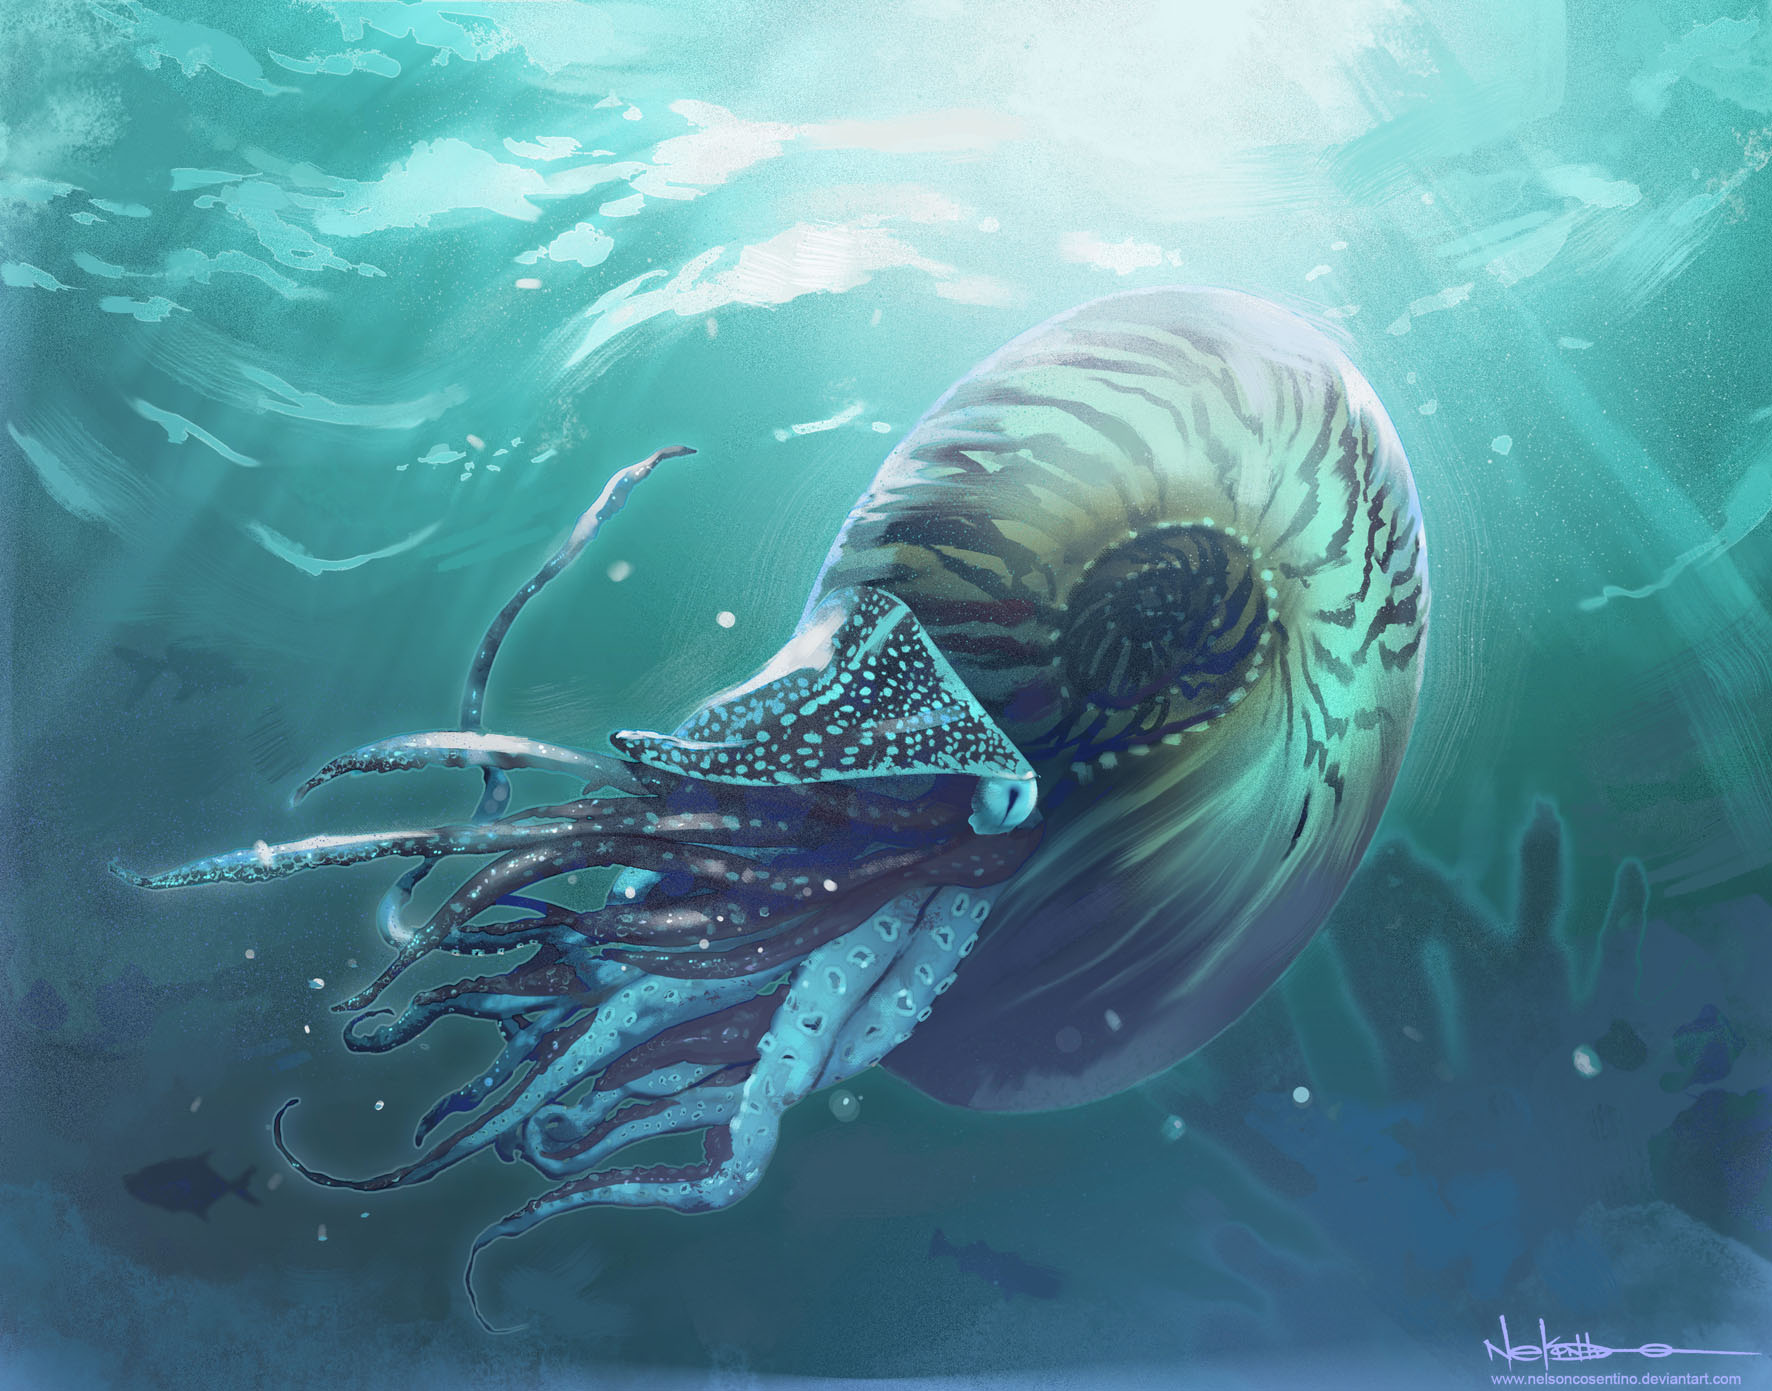 ammonite_by_nelsoncosentino-d5q6azp.jpg